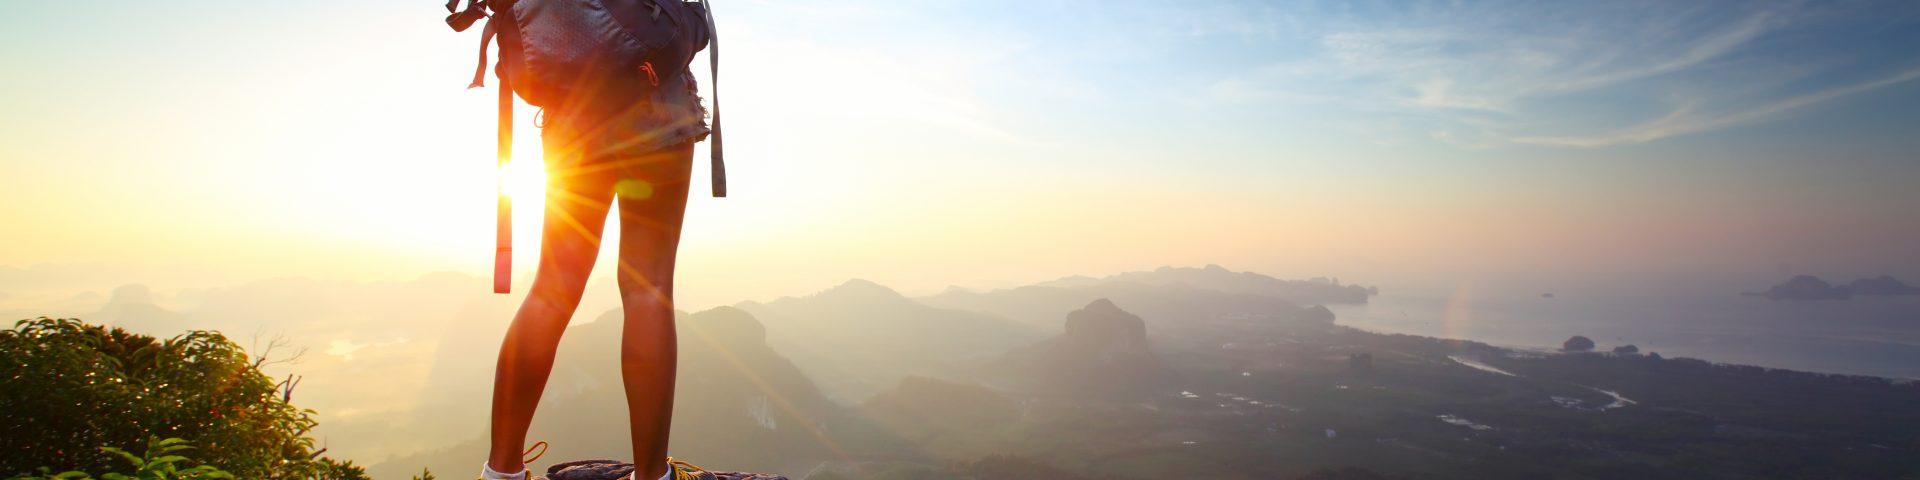 mulher no cimo de montanha